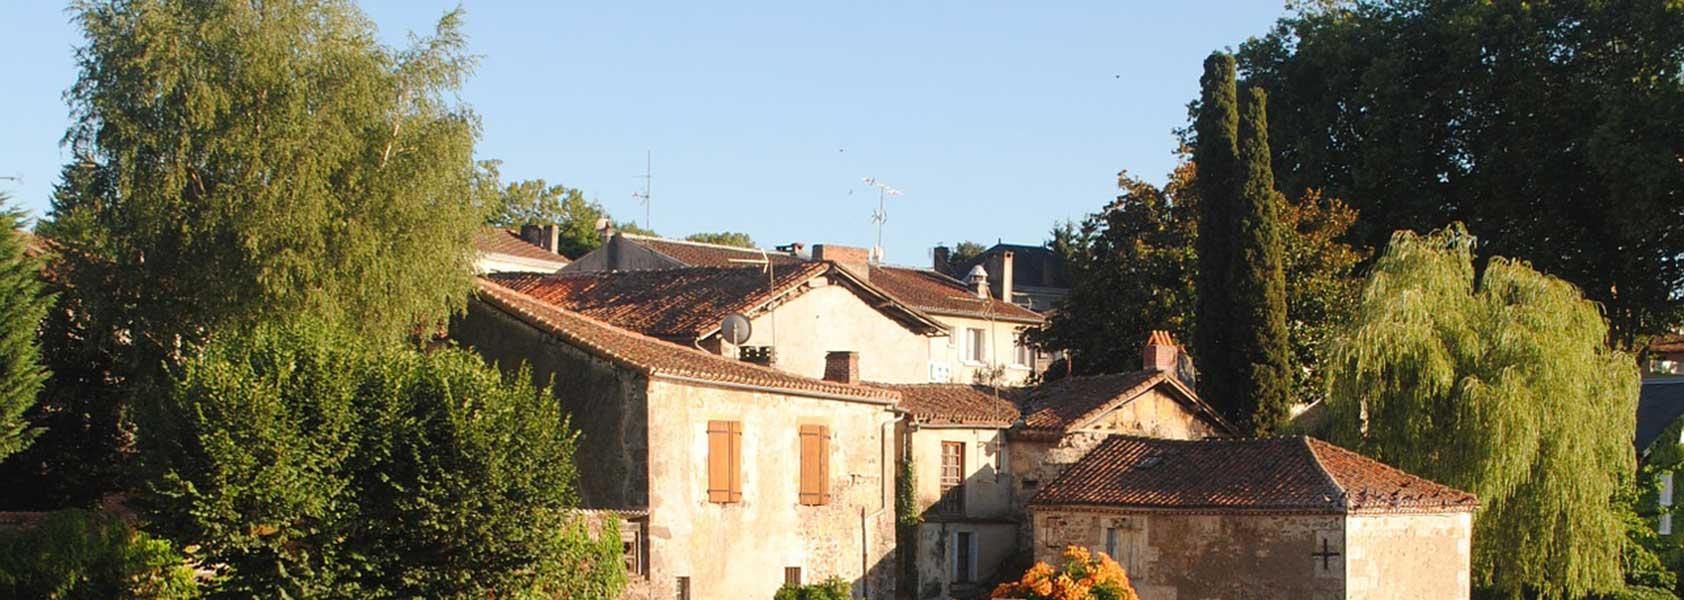 Frankrijk | Actief in de Charente